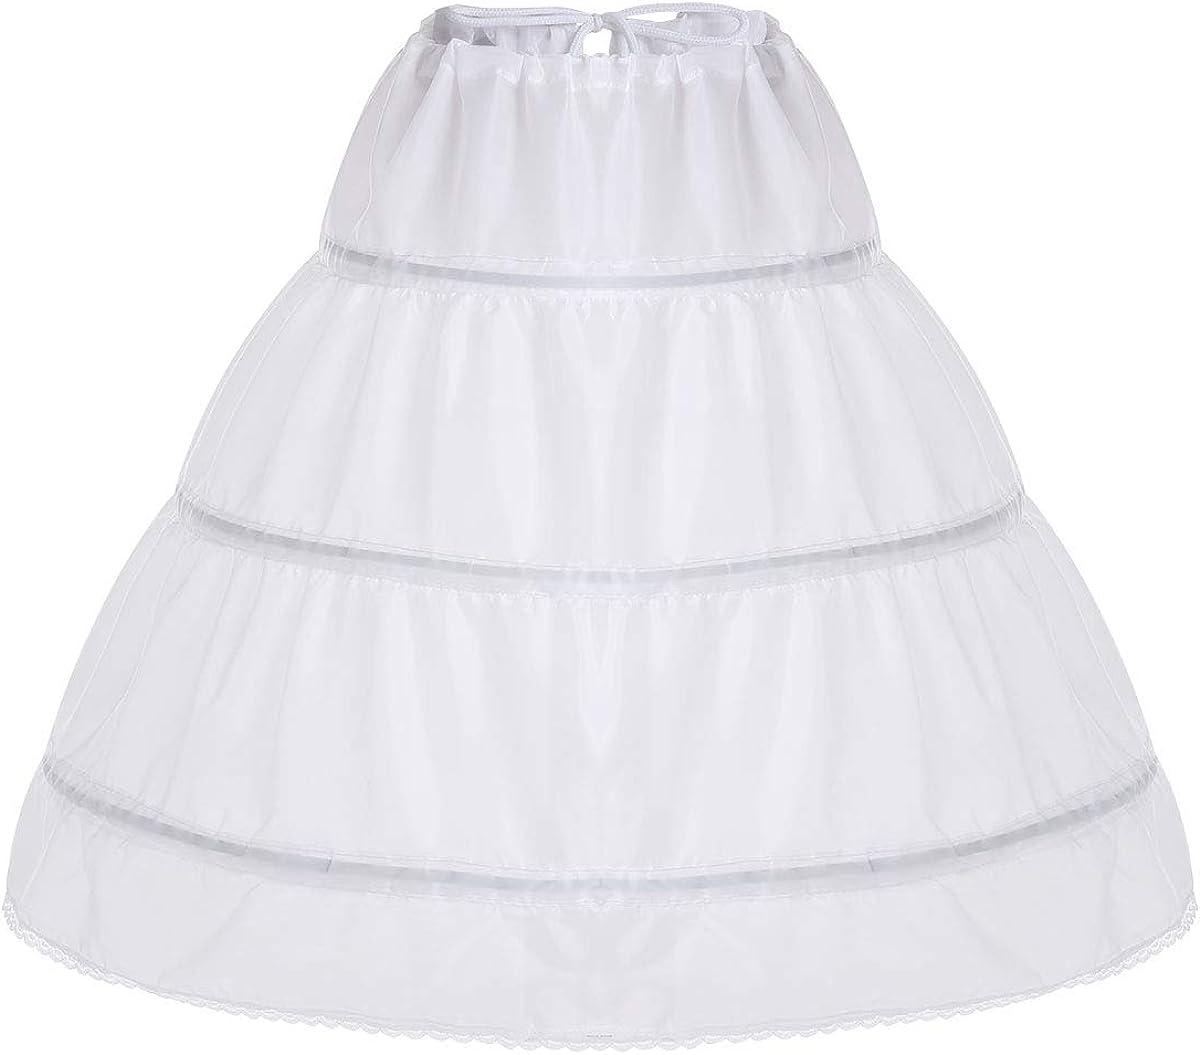 iiniim Kids Girls' 3 Layers Wedding Bridal Dress Full Slip Flower Girl Crinoline Skirt Petticoat Underskirt